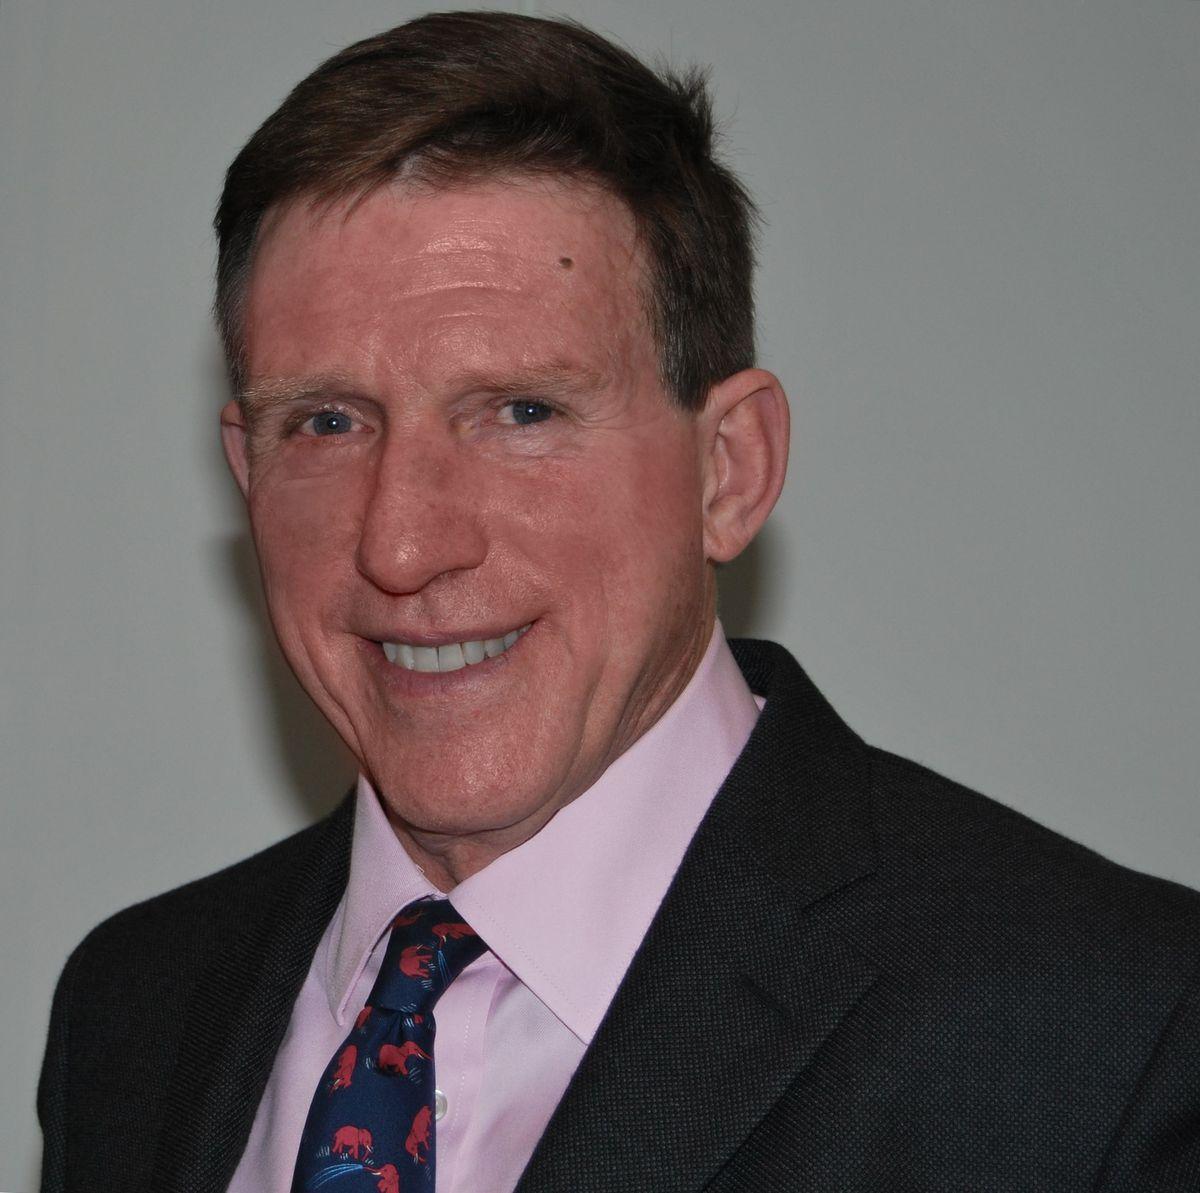 Andrew Chapman, Secretary of the Royal Humane Society.